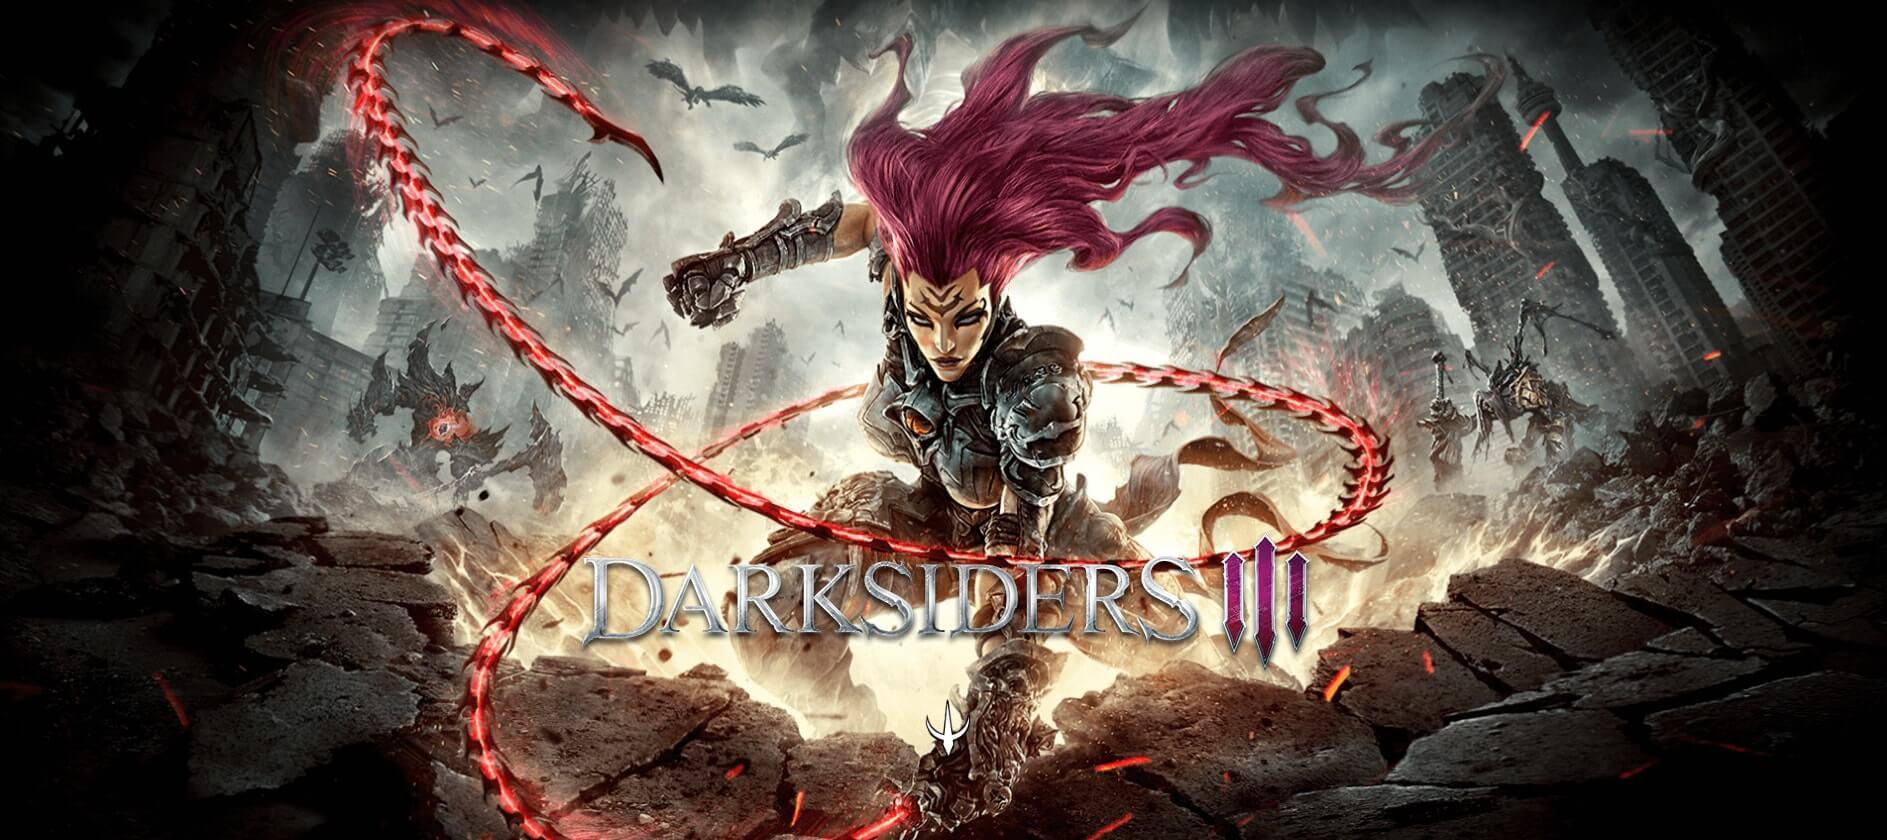 darksiders-III-fury-1-1